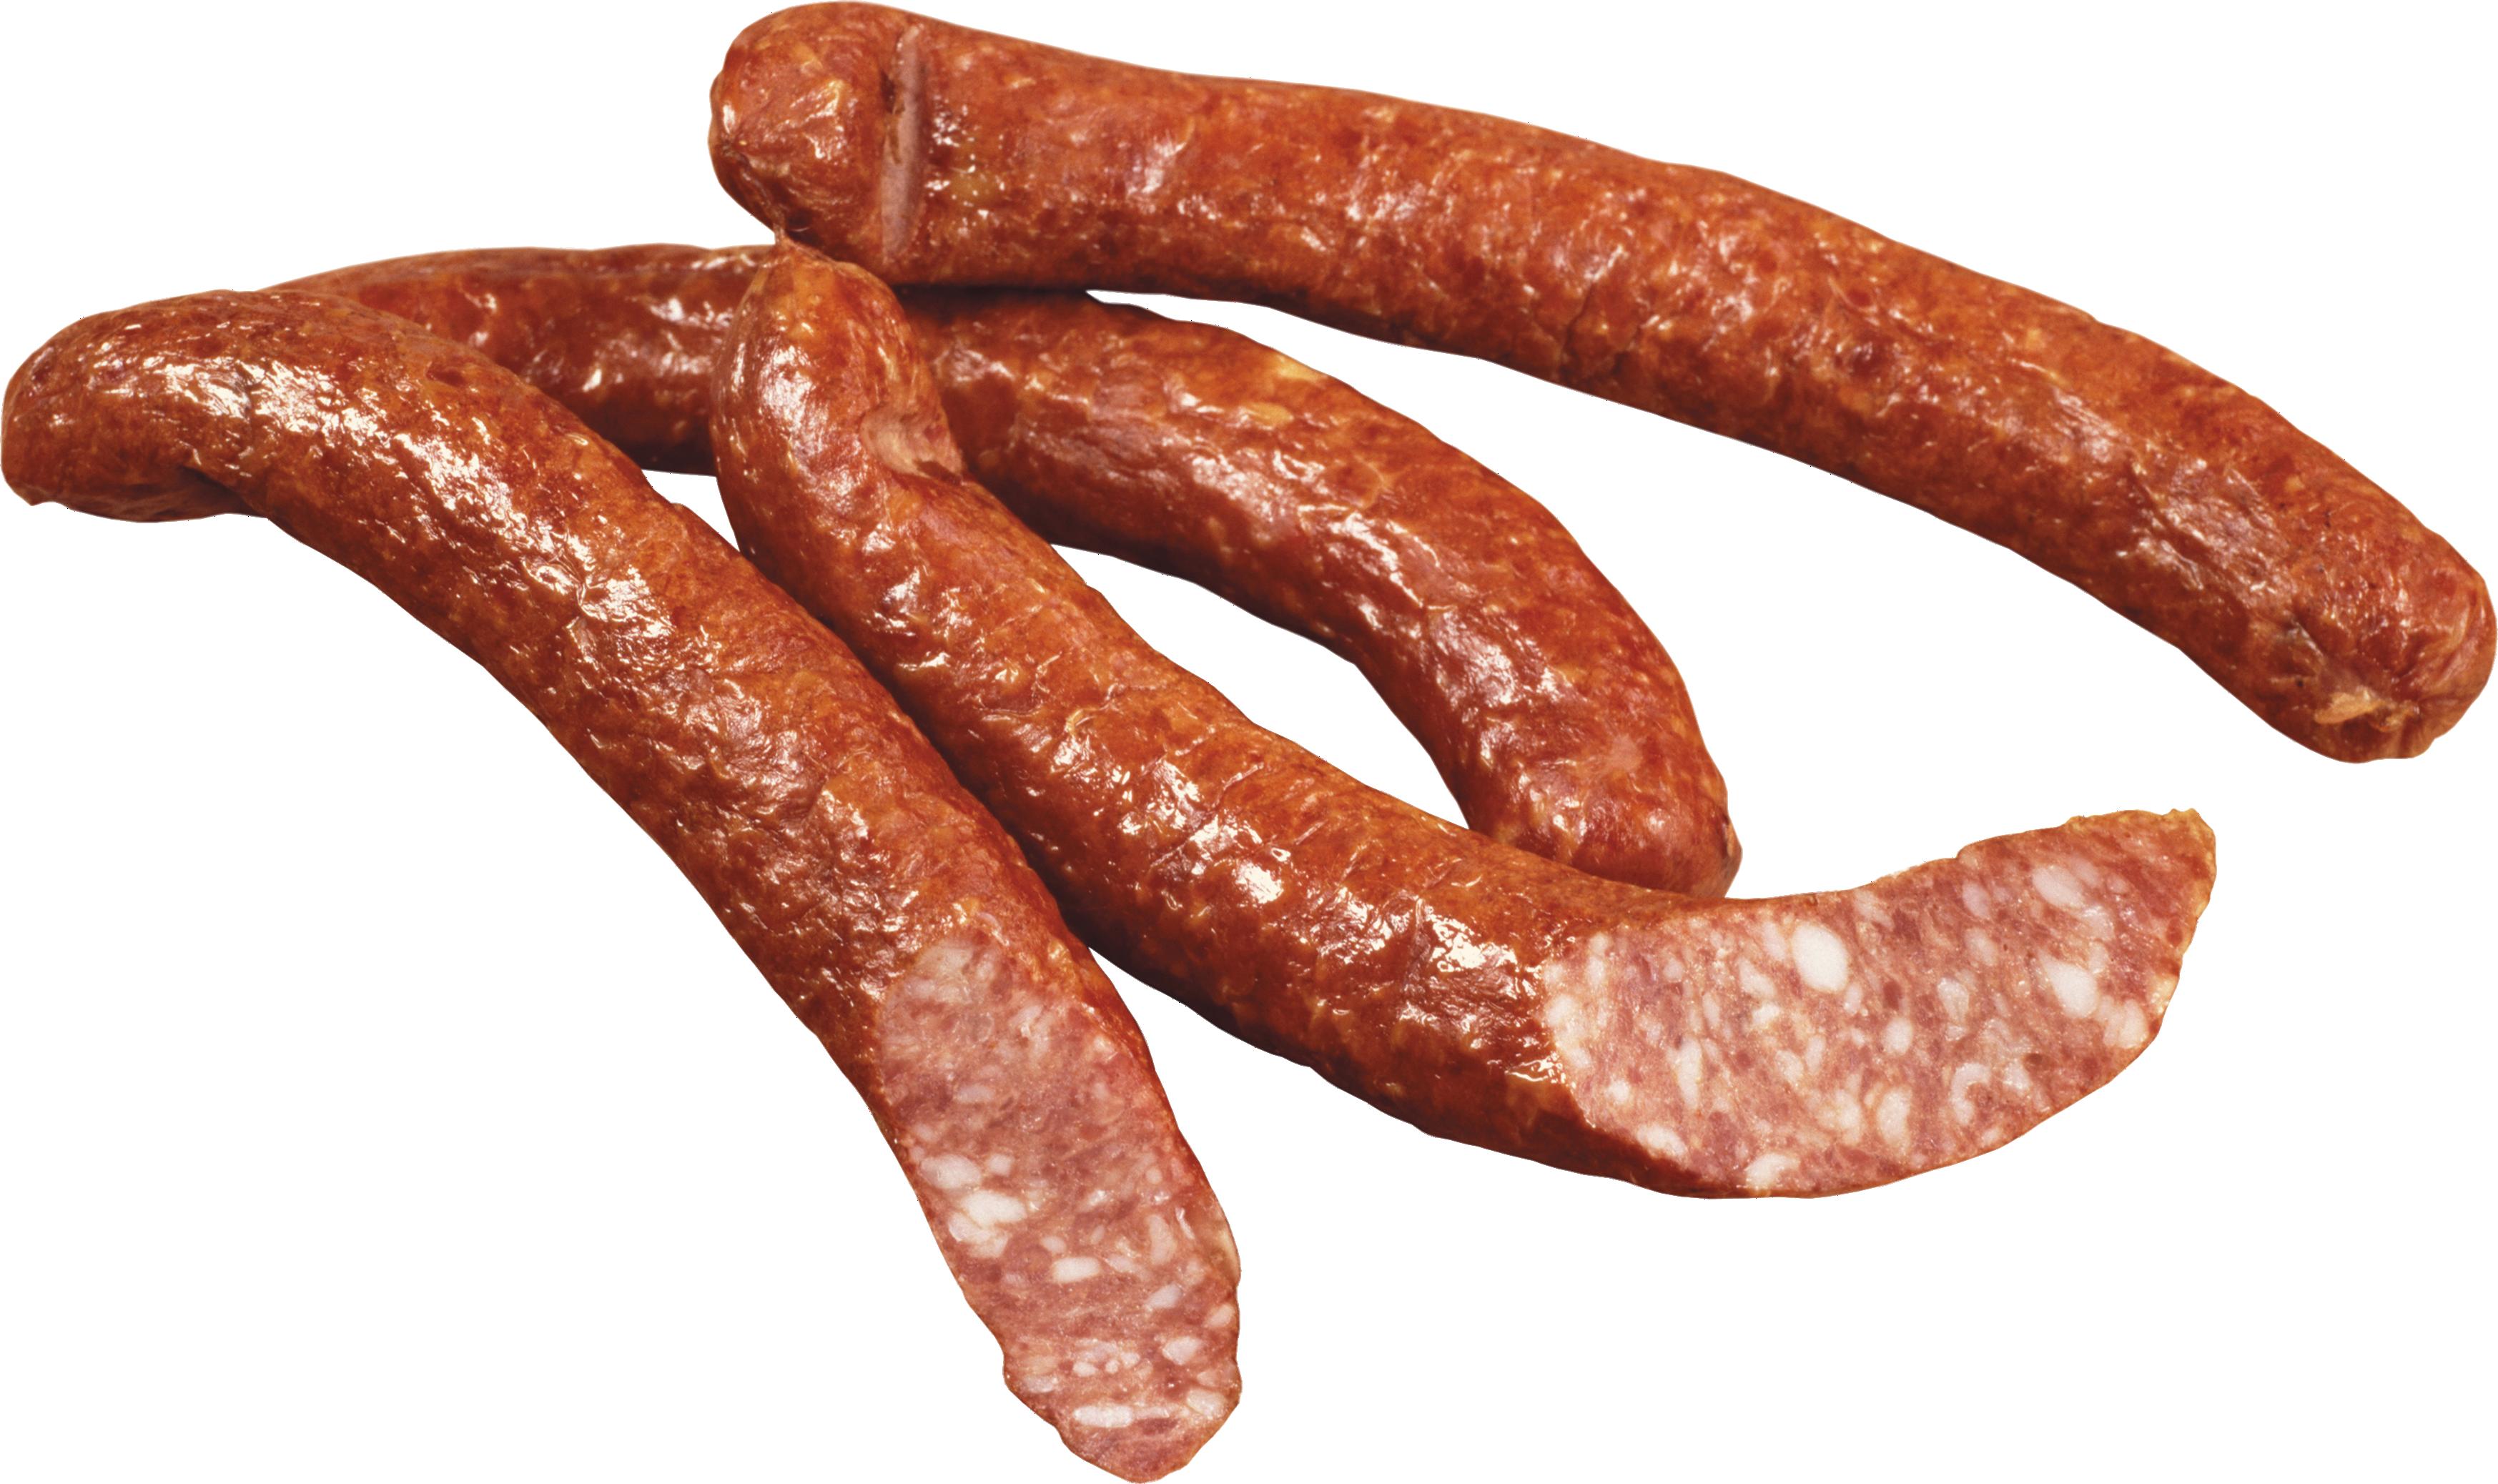 Sausage PNG image - Sausage HD PNG